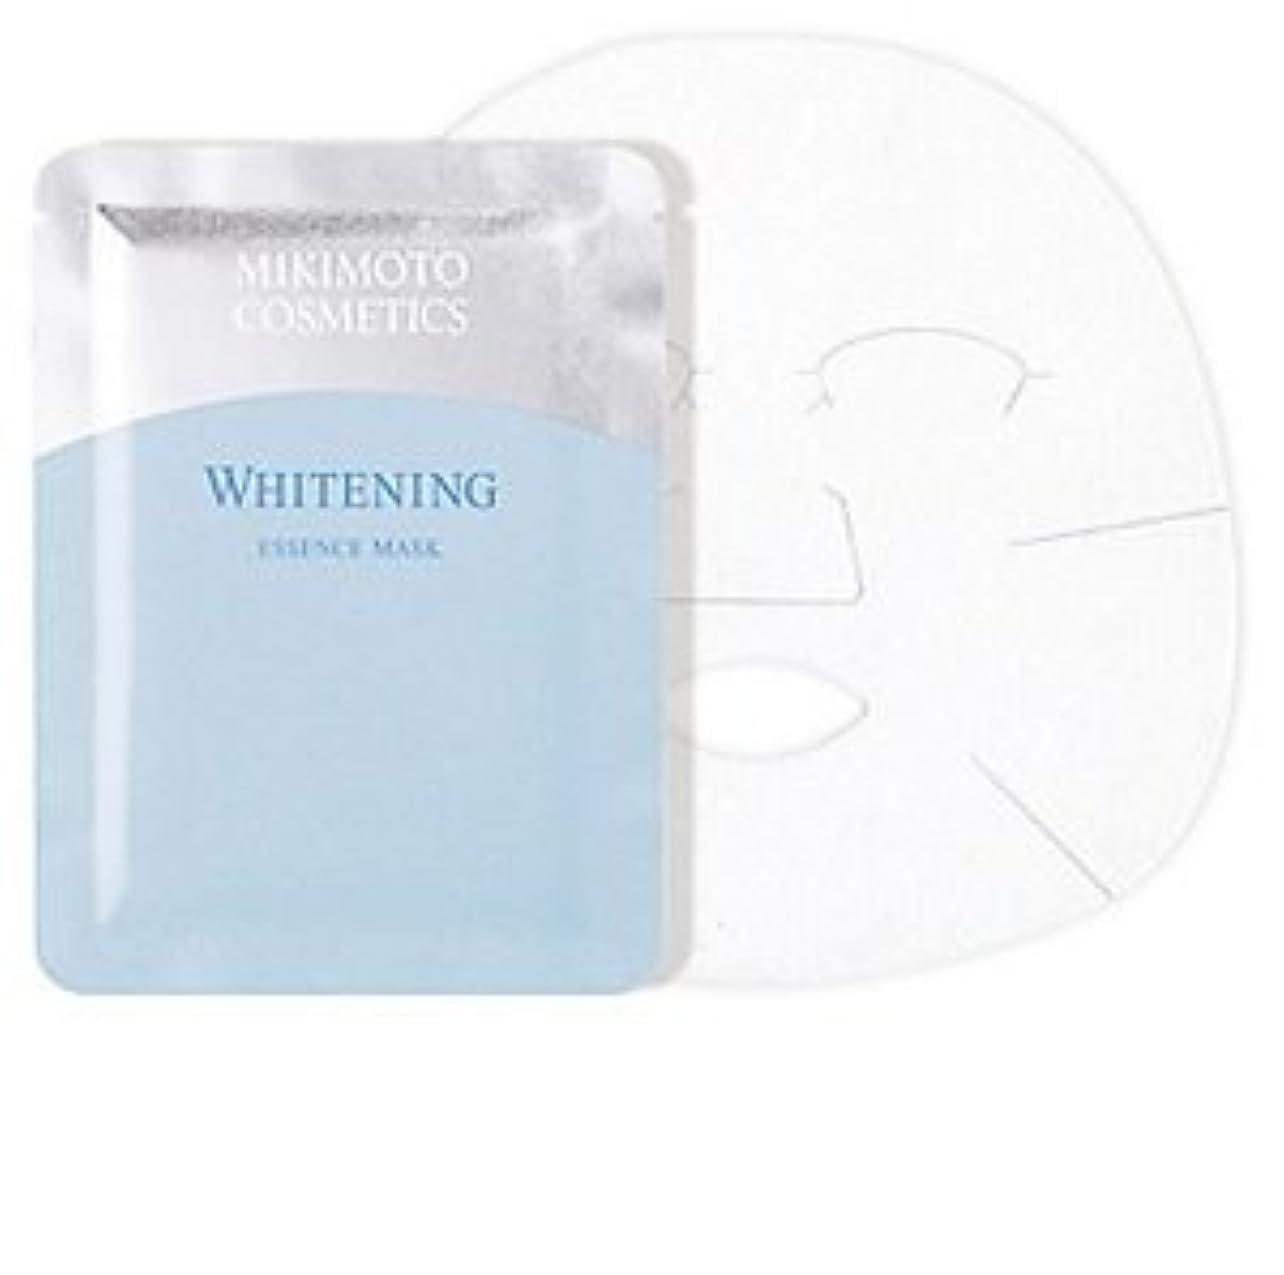 一緒フィクションぺディカブミキモト ホワイトニング エッセンス マスク 21mlx6枚入 薬用美白状シートマスク